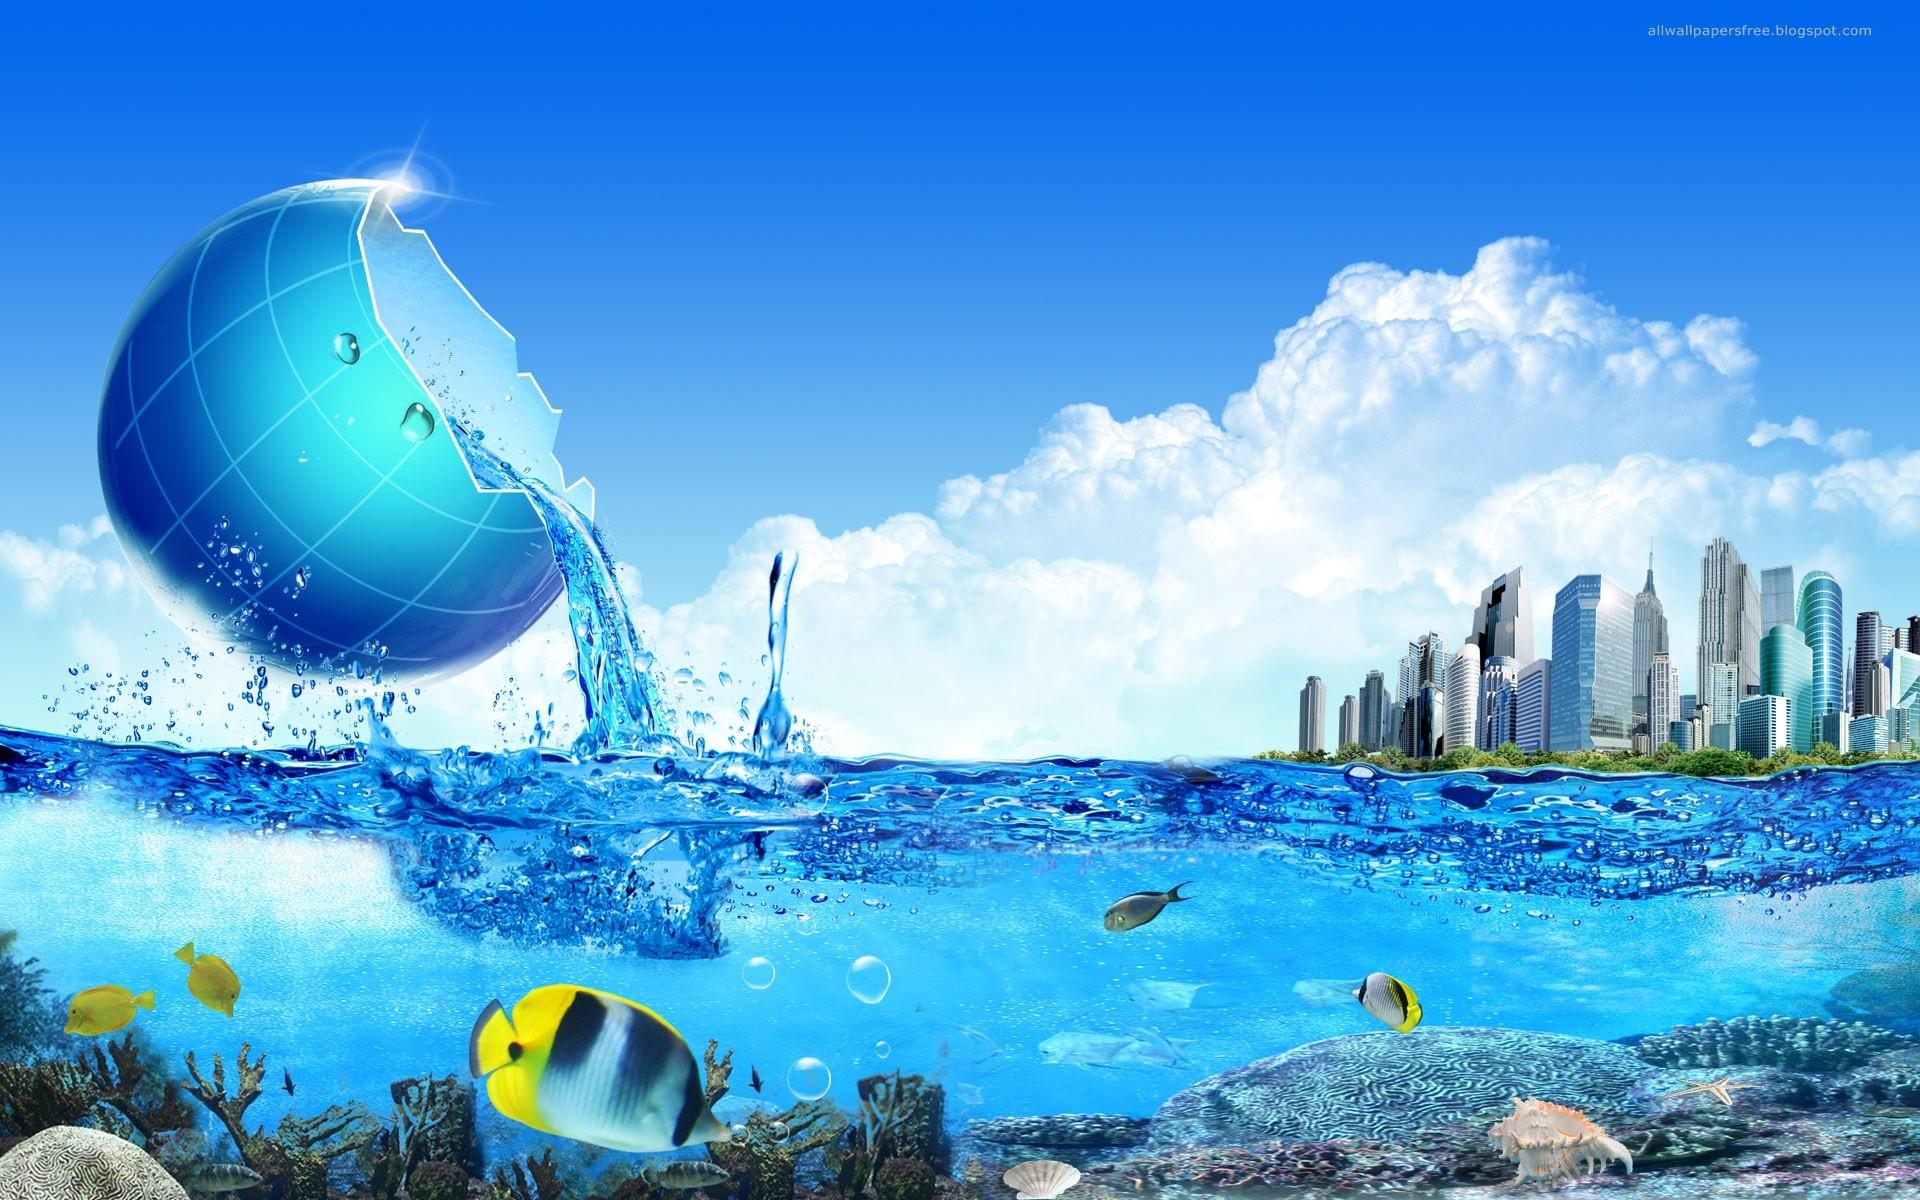 Natural Blue Background Hd Images Vinny Oleo Vegetal Info